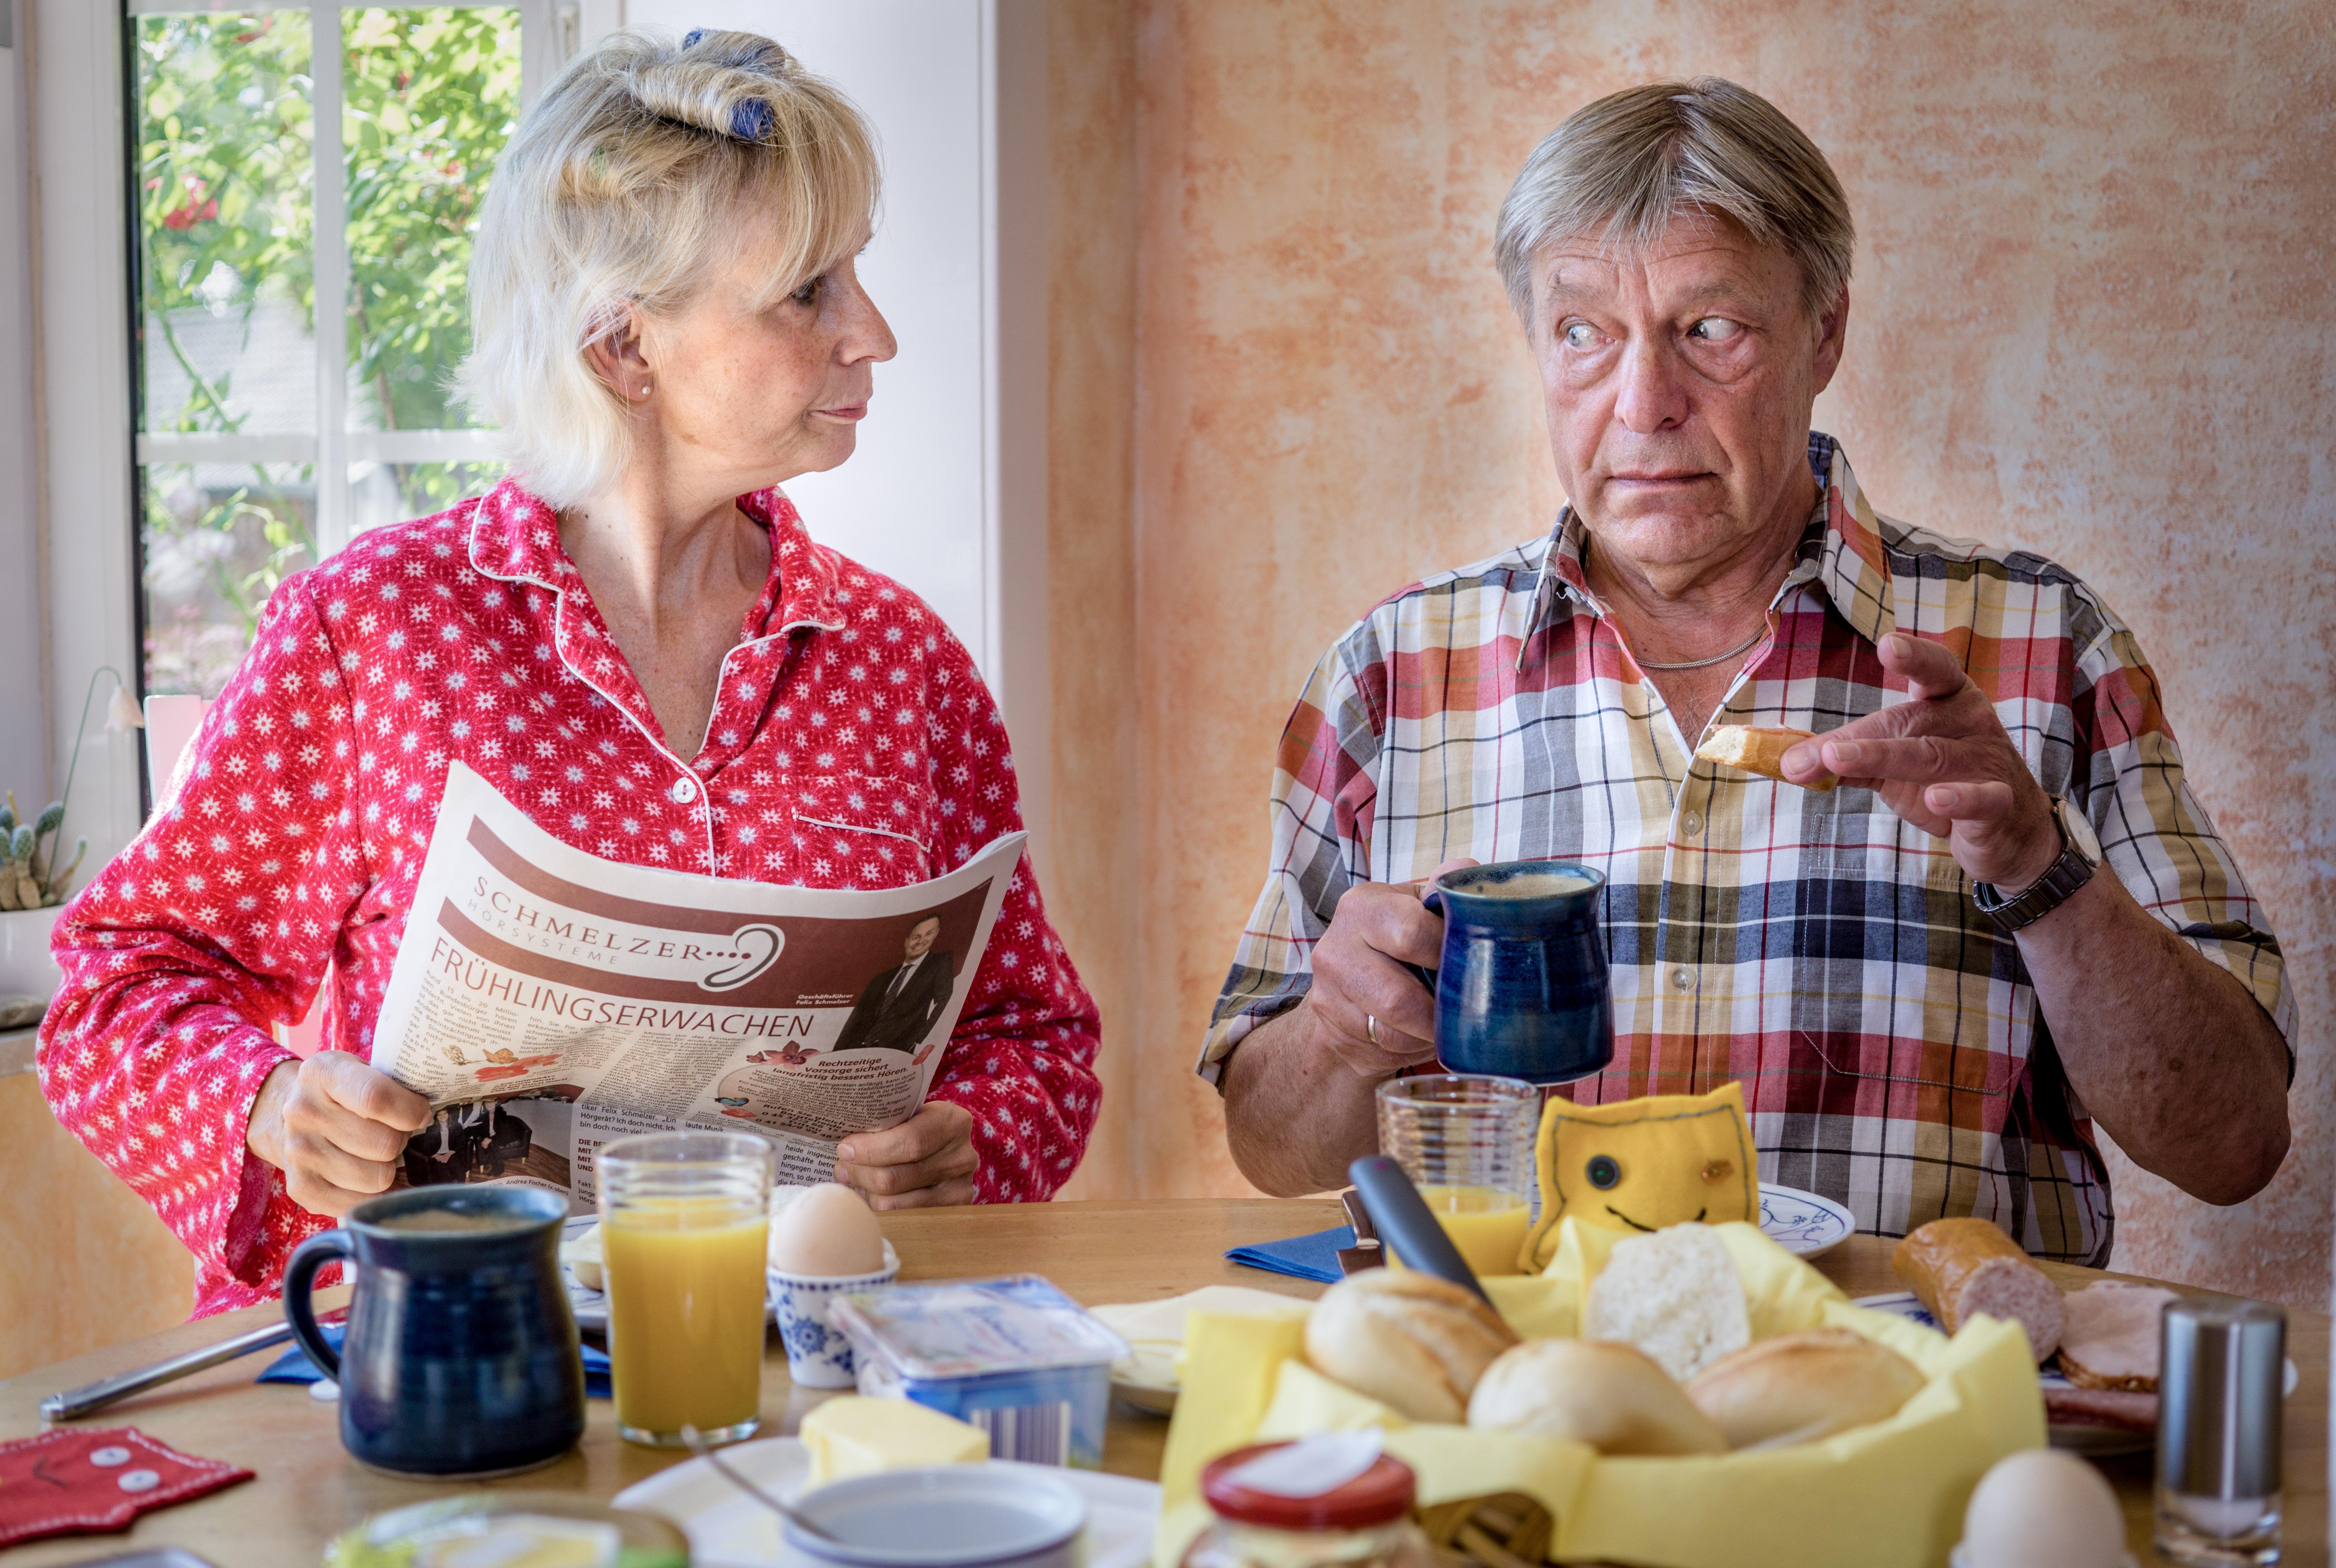 Frühstück bi Kellermanns_Christine Henze, Werner Otto